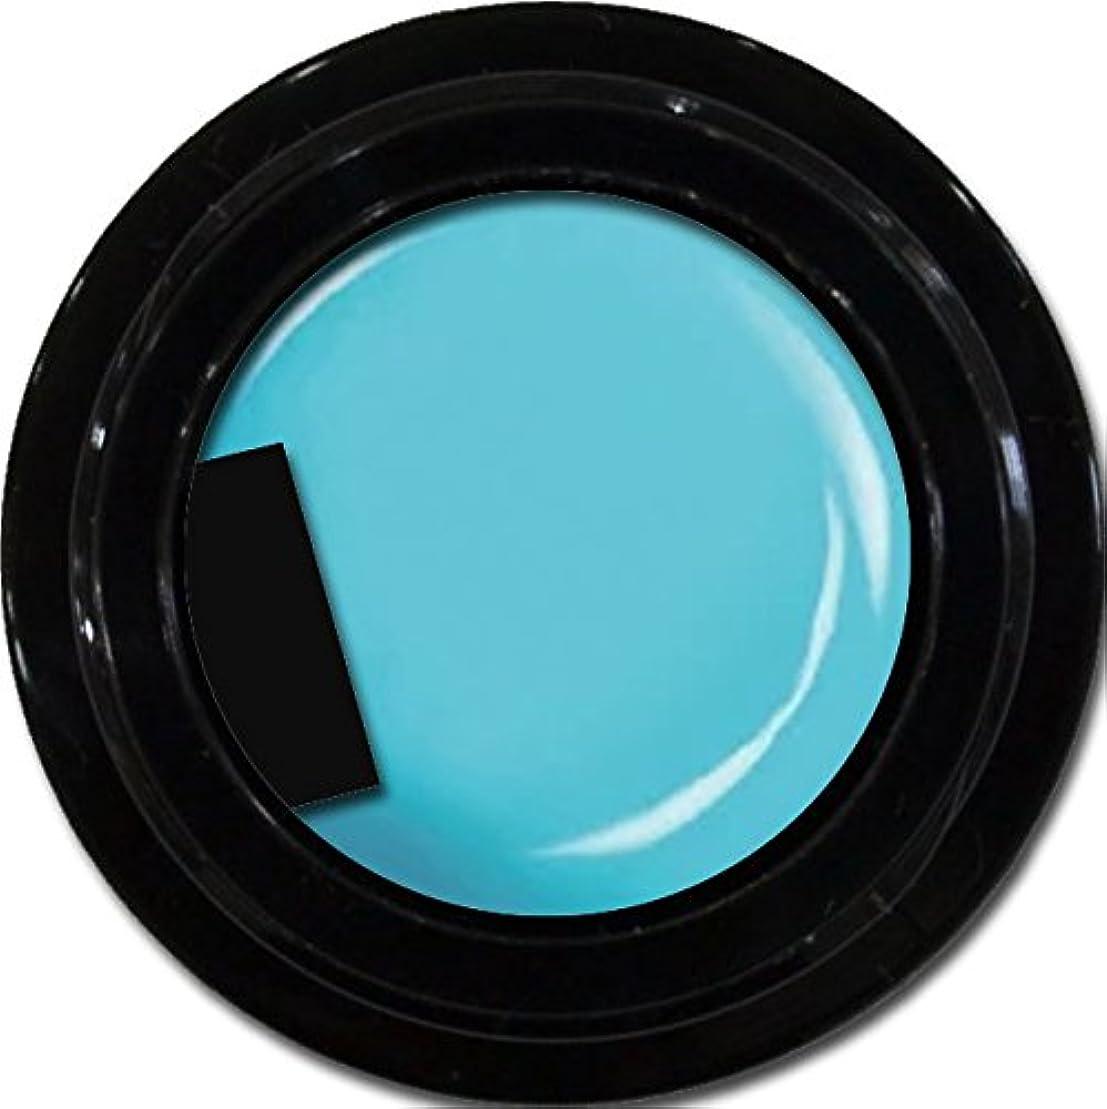 放射能ギターマージンカラージェル enchant color gel M706 Turquoise 3g/ マットカラージェル M706 ターコイズ 3グラム